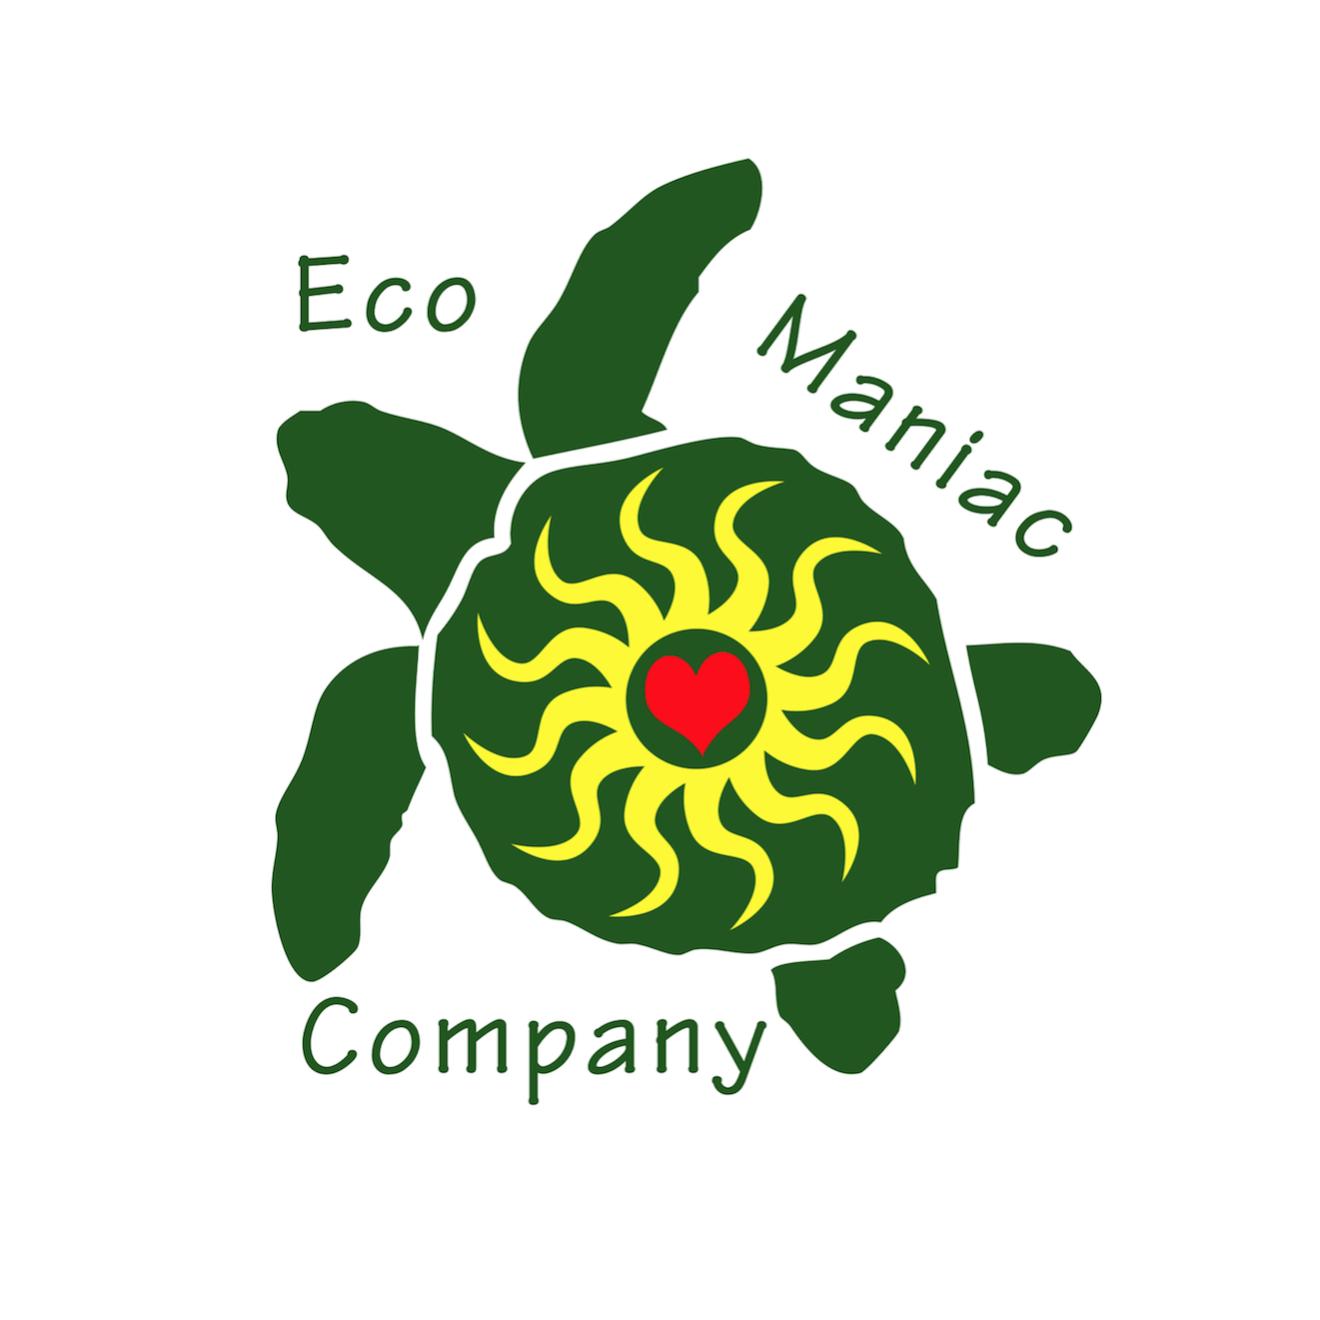 Eco maniac co logo